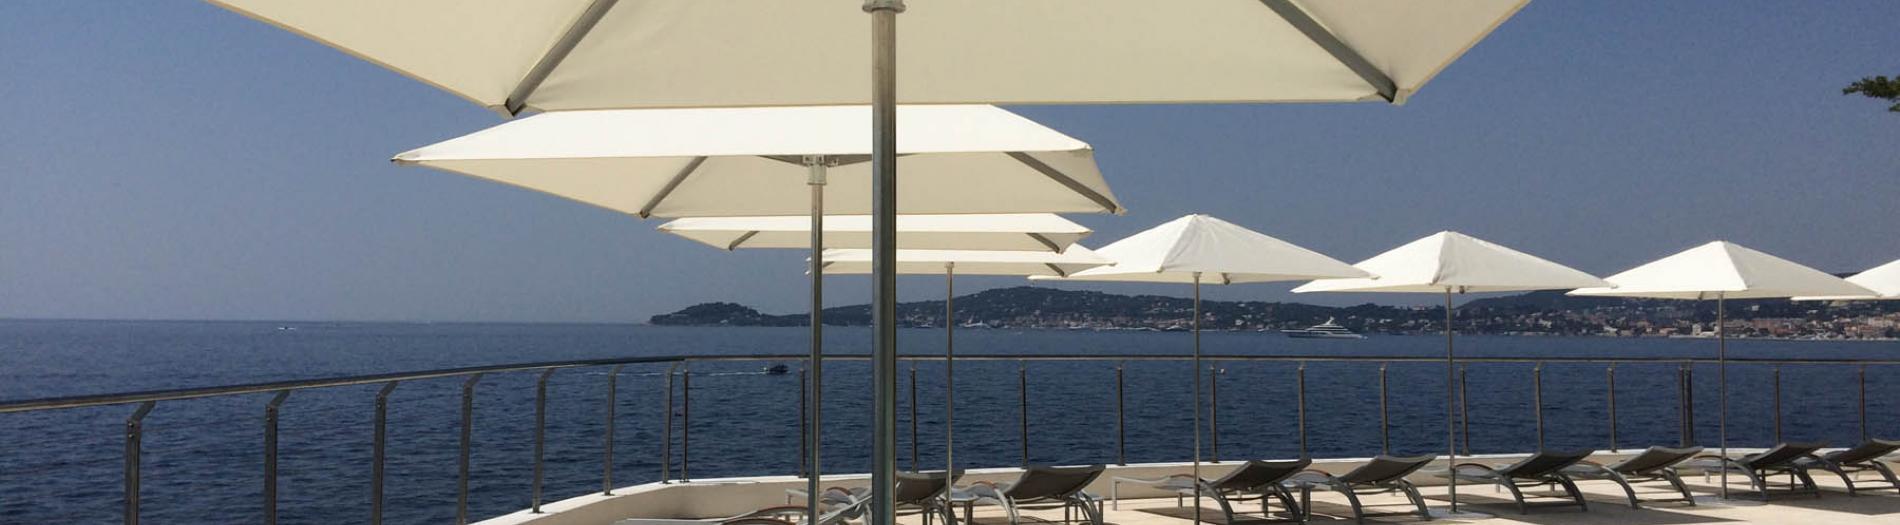 Hôtellerie : réalisations de parasols sur-mesure, coussins...